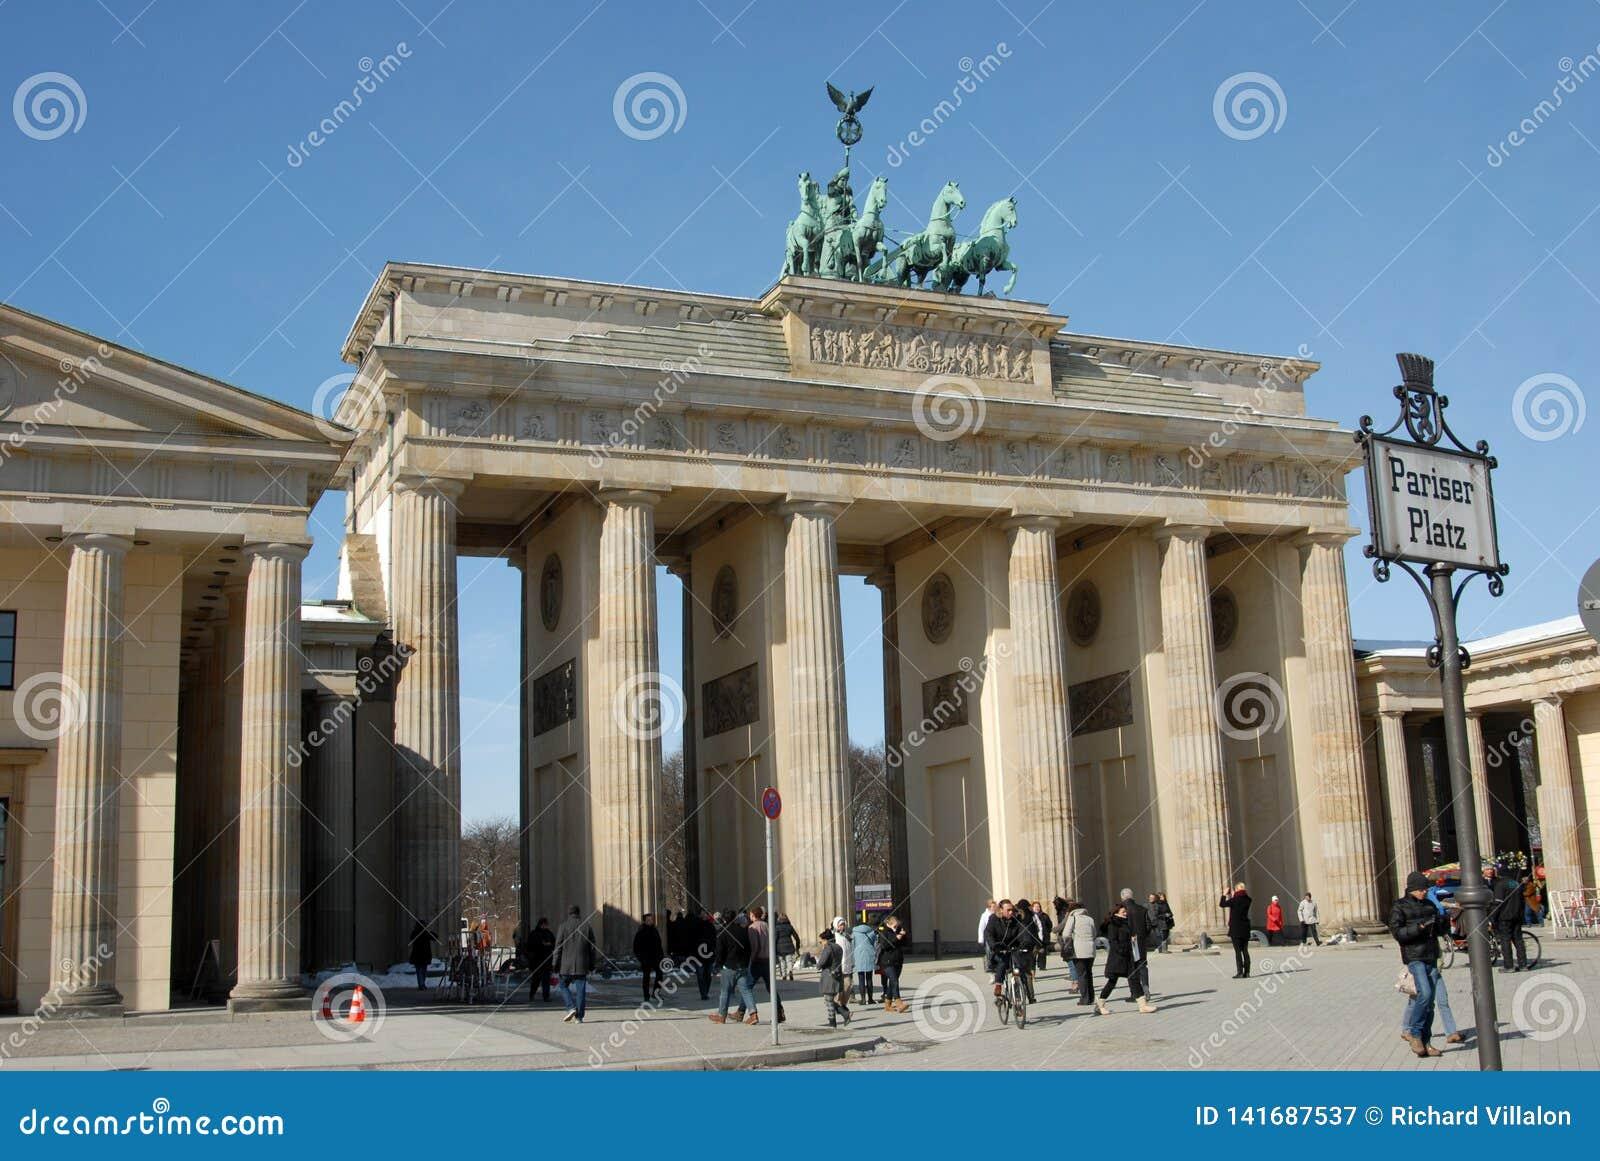 勃兰登堡门在柏林,德国